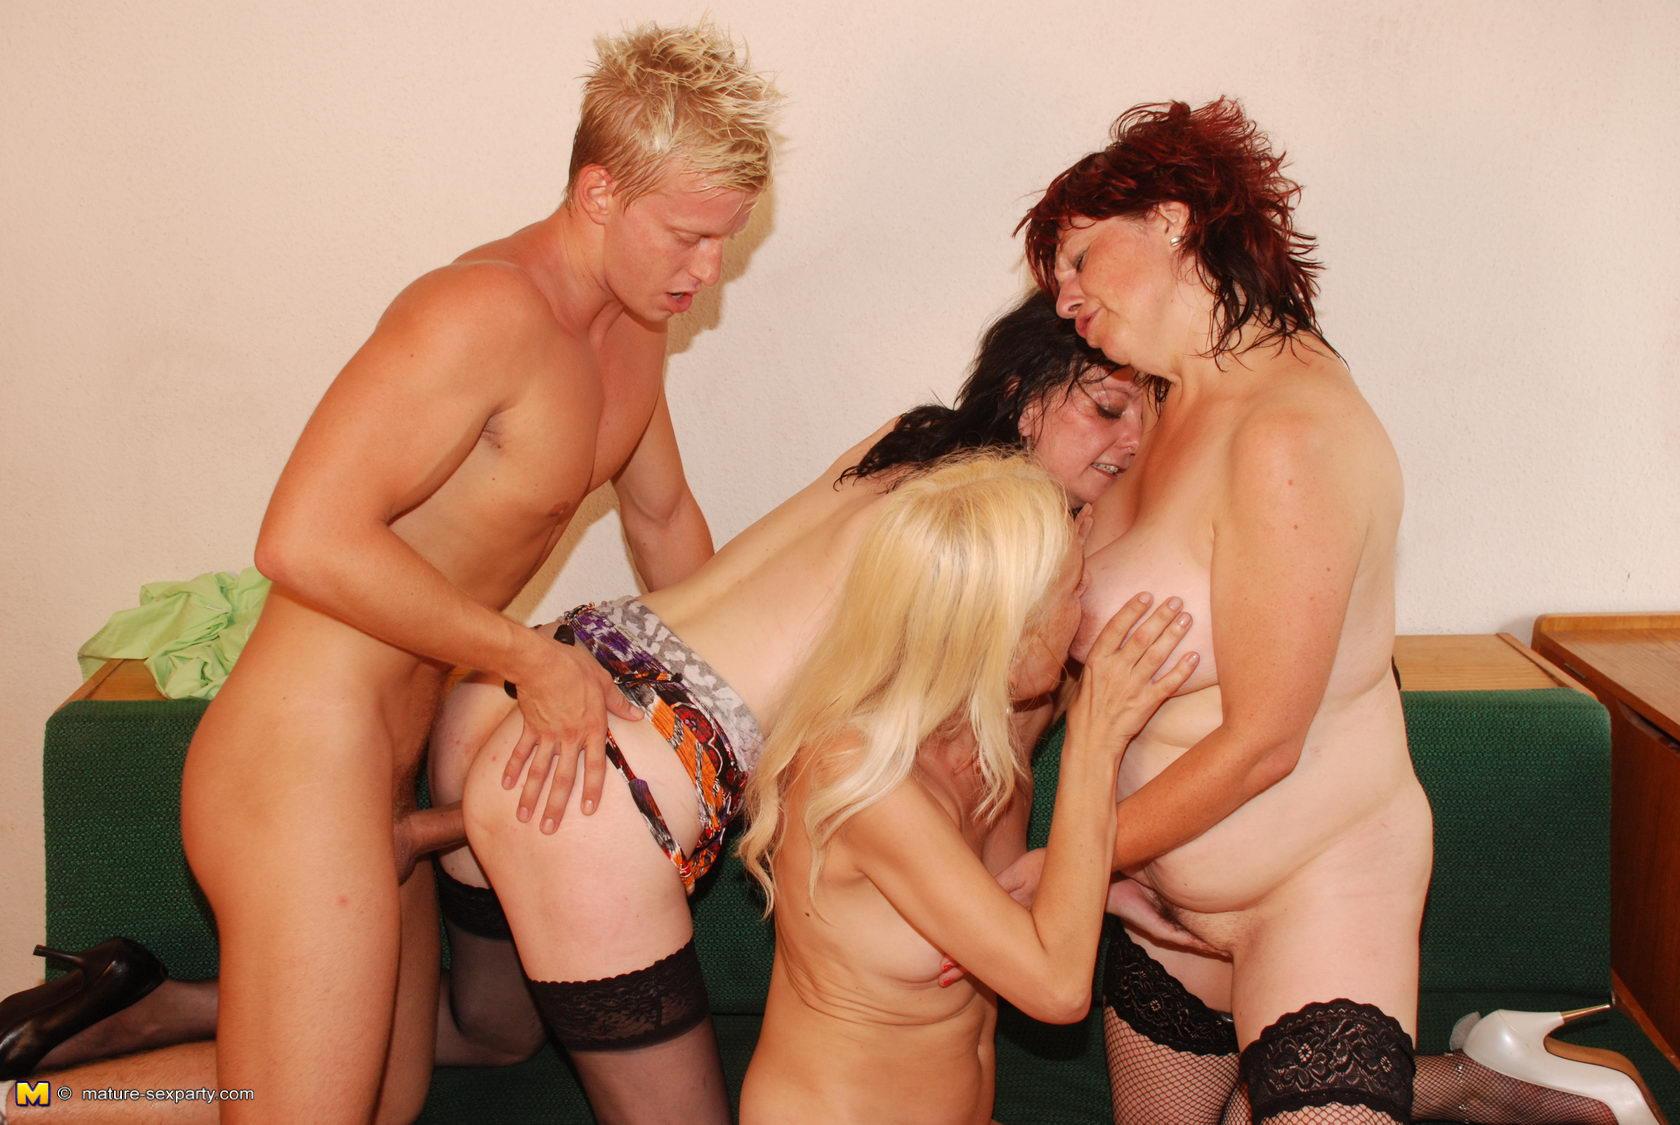 Эротические фото зрелых женщин с молодыми парнями 16 фотография